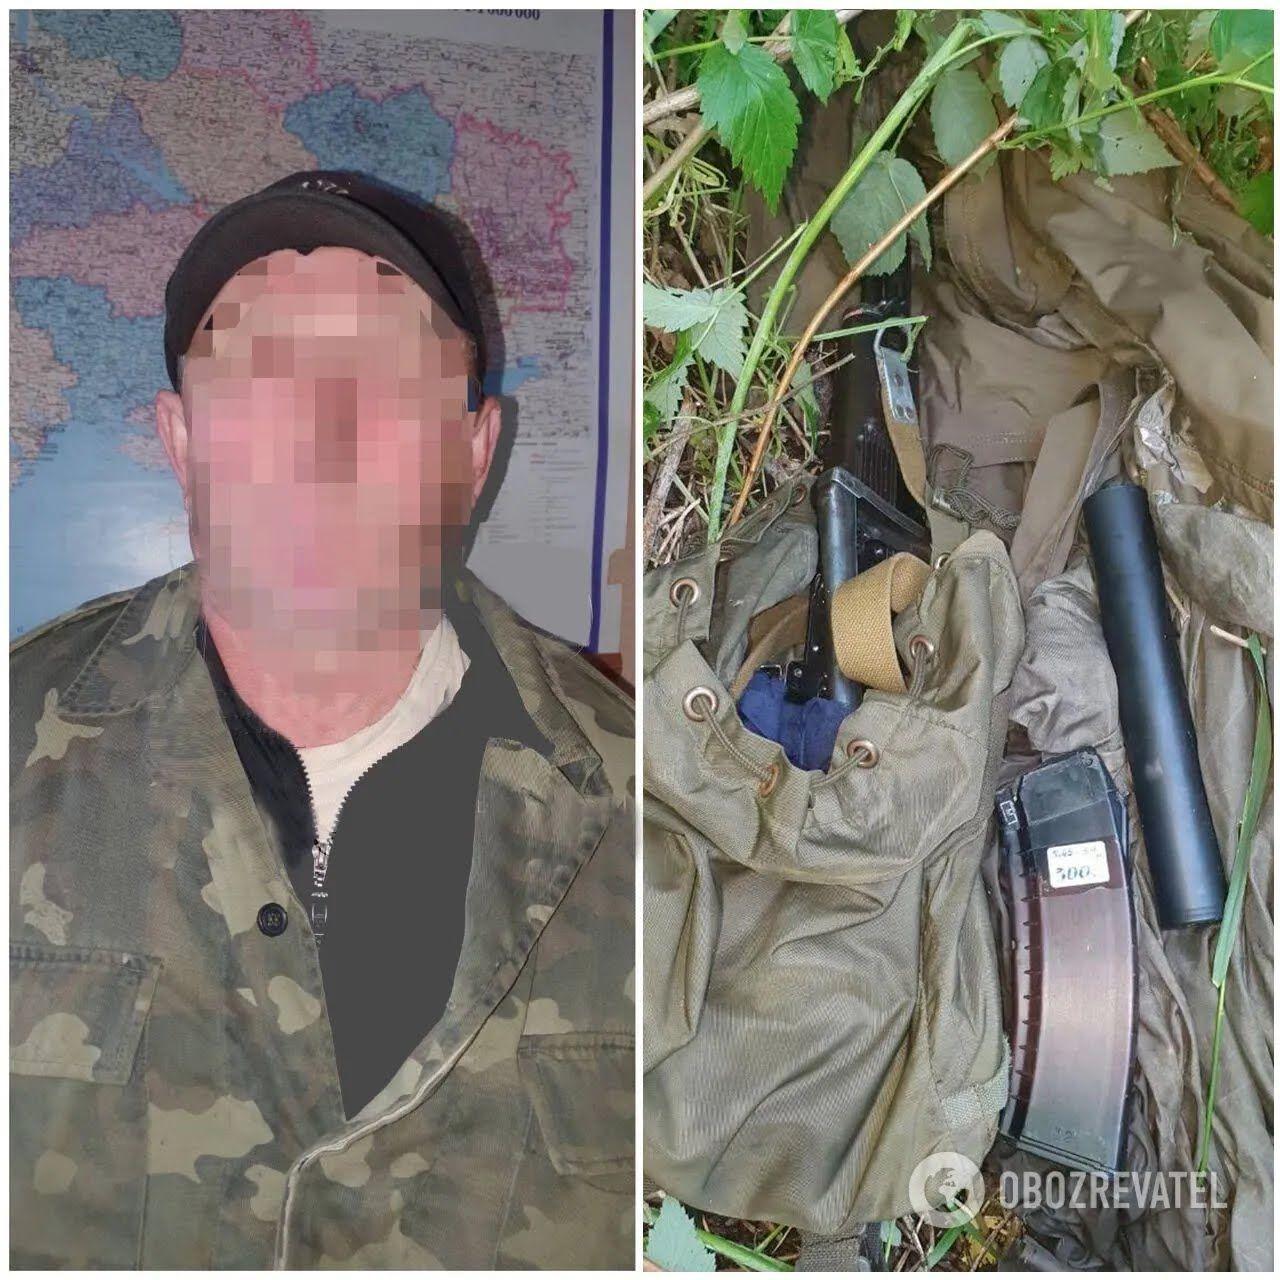 Підозрюваний у вбивстві Олександр Мальцев і вміст його схованки.